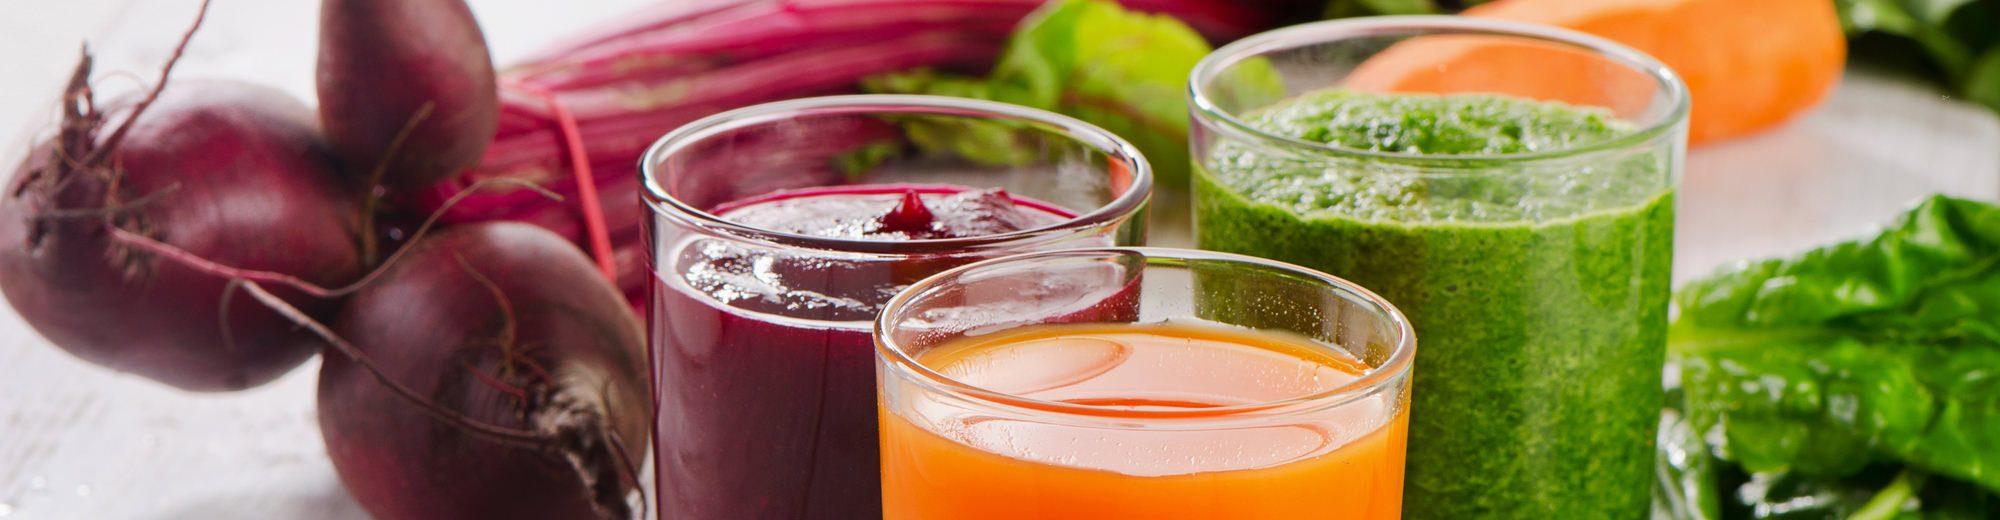 Basische Ernährung mit Smoothies - Säure Basen Haushalt